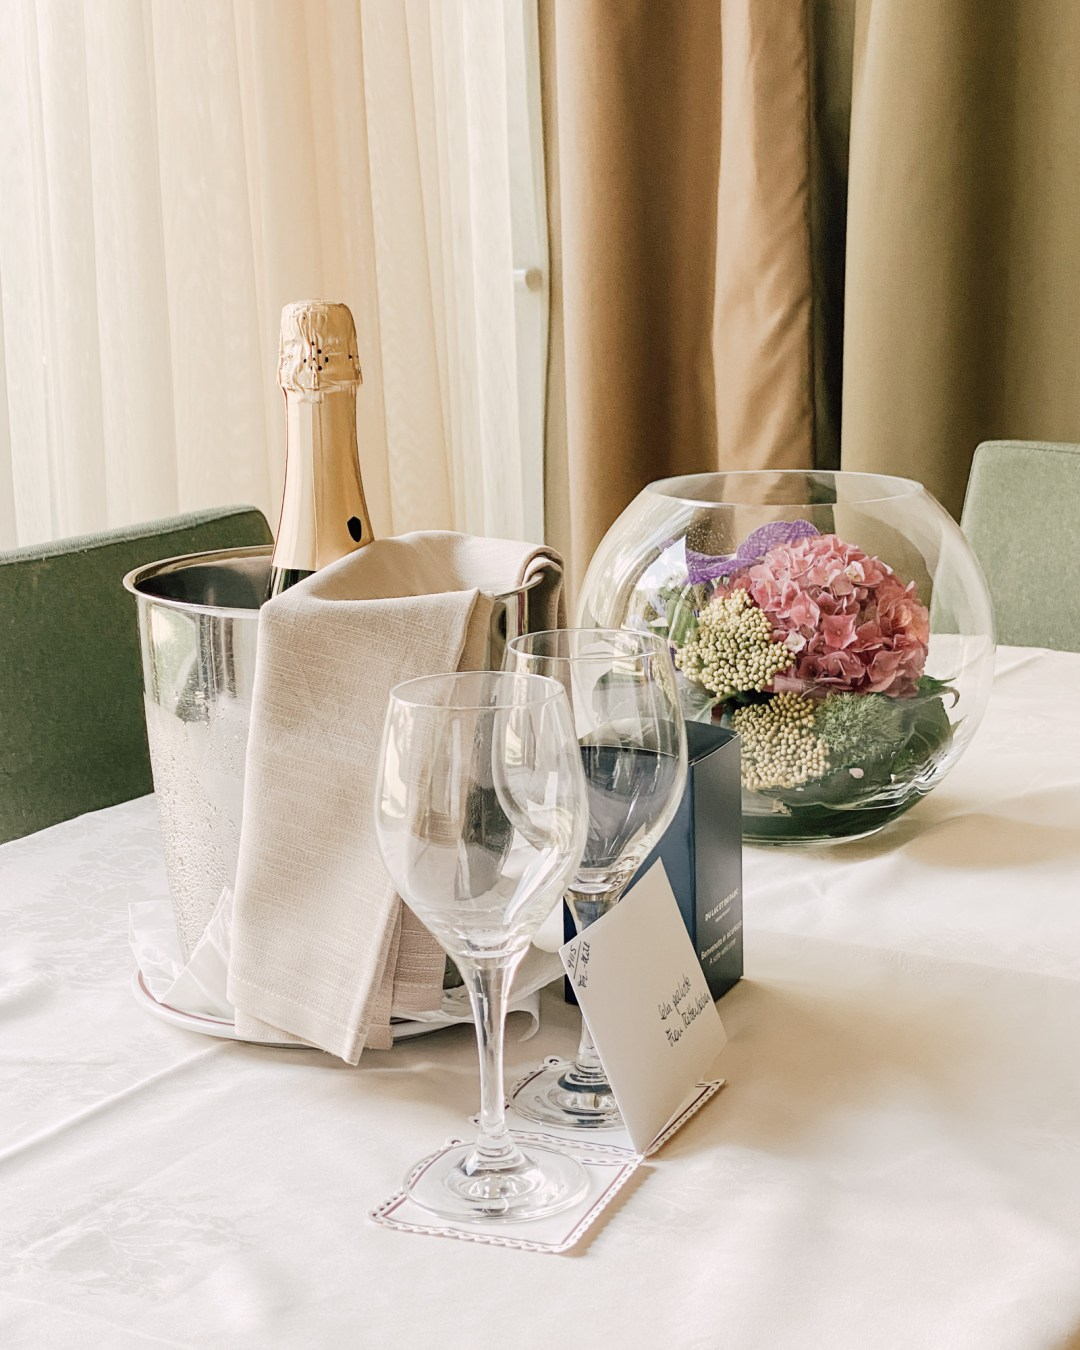 Inastil, Gardasee, Hotel Du Parc et Du Lac, Sommerstyle, Ü50Travelblogger, Riva del Garda, Urlaub, Auszeit, Sommerurlaub, Familienurlaub-7